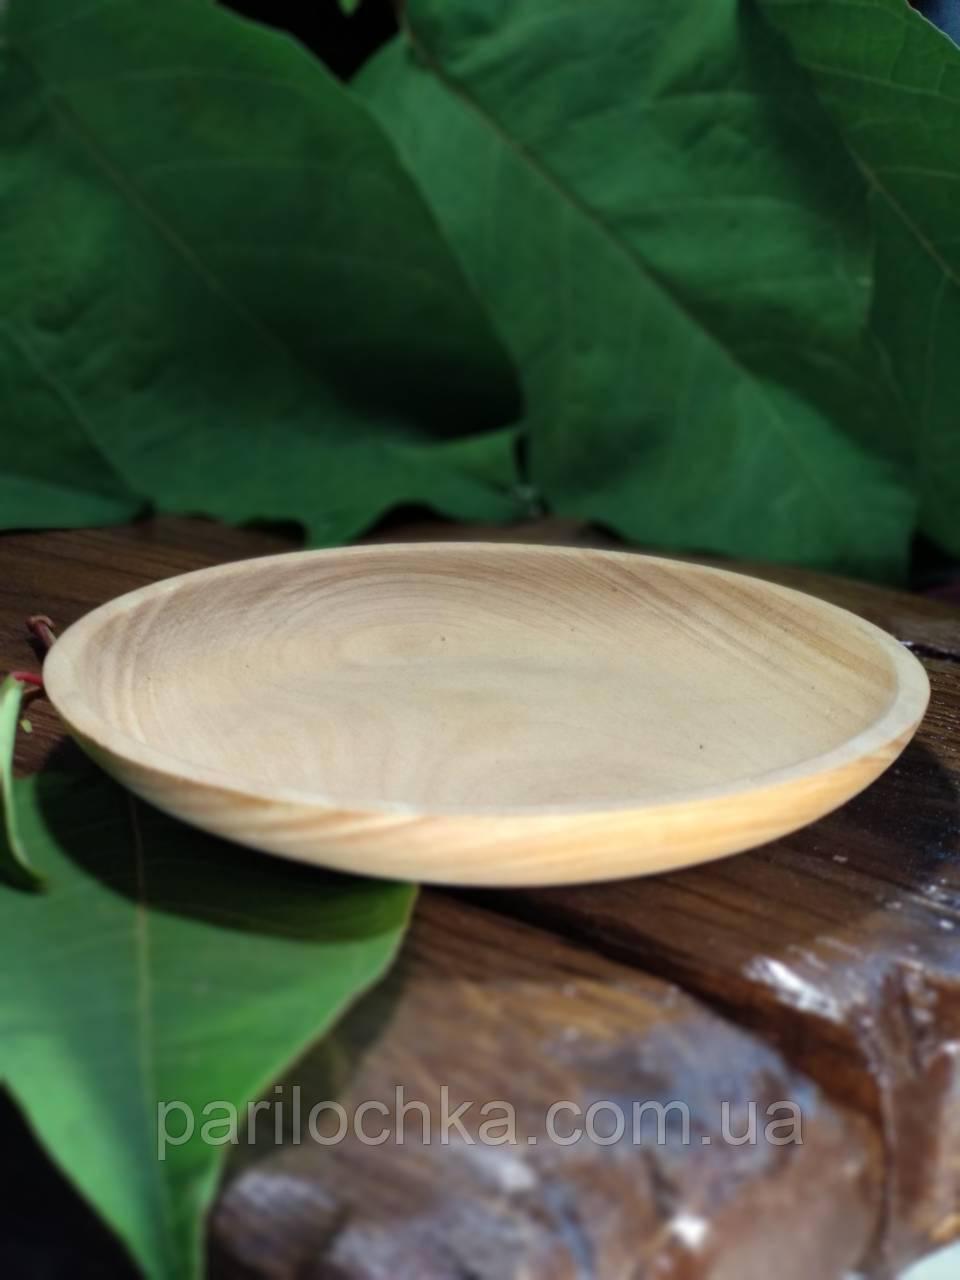 Плоская тарелка из дерева